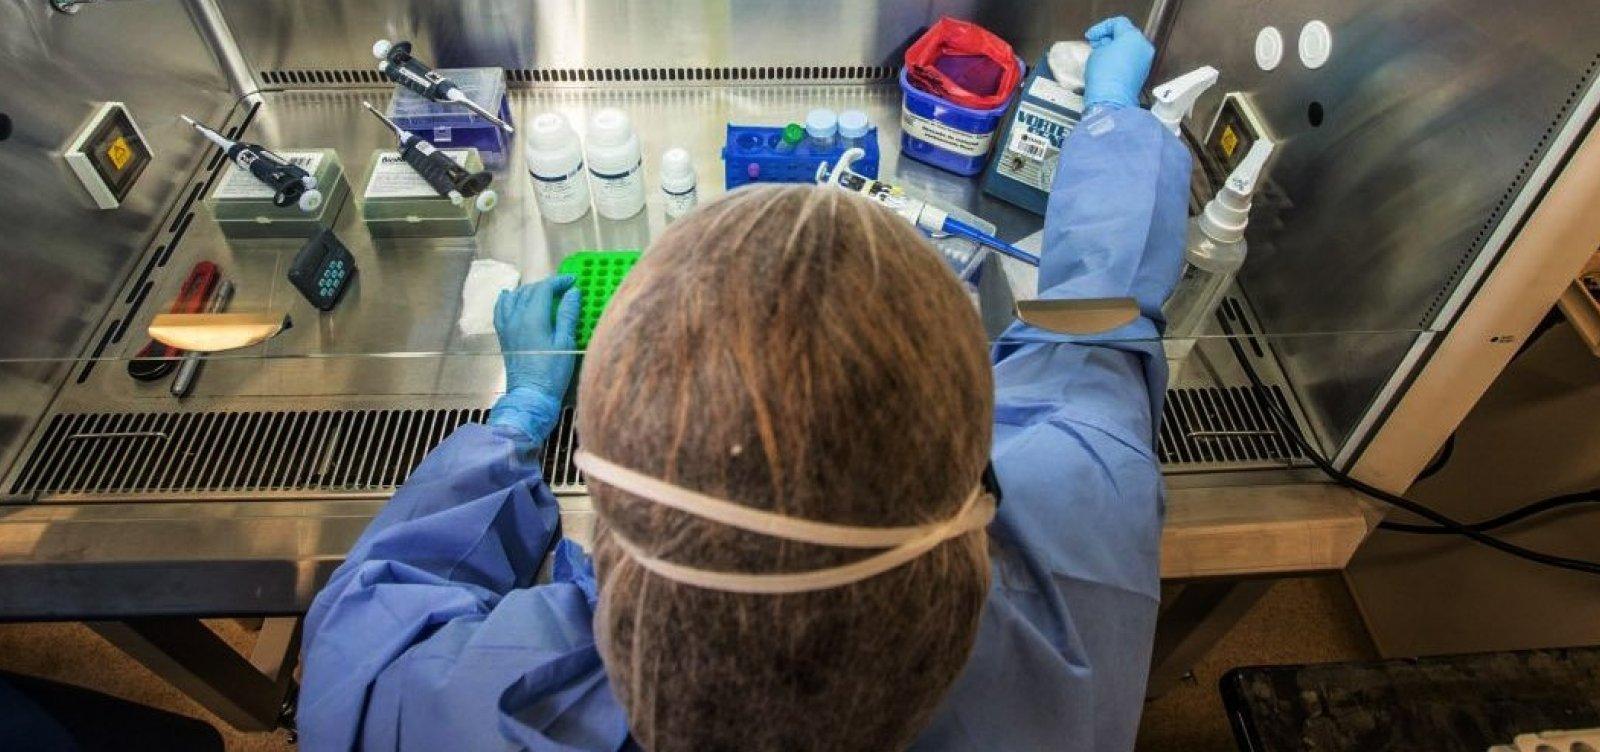 [Infectologista recomenda cautela com 'soluções milagrosas' contra o coronavírus]